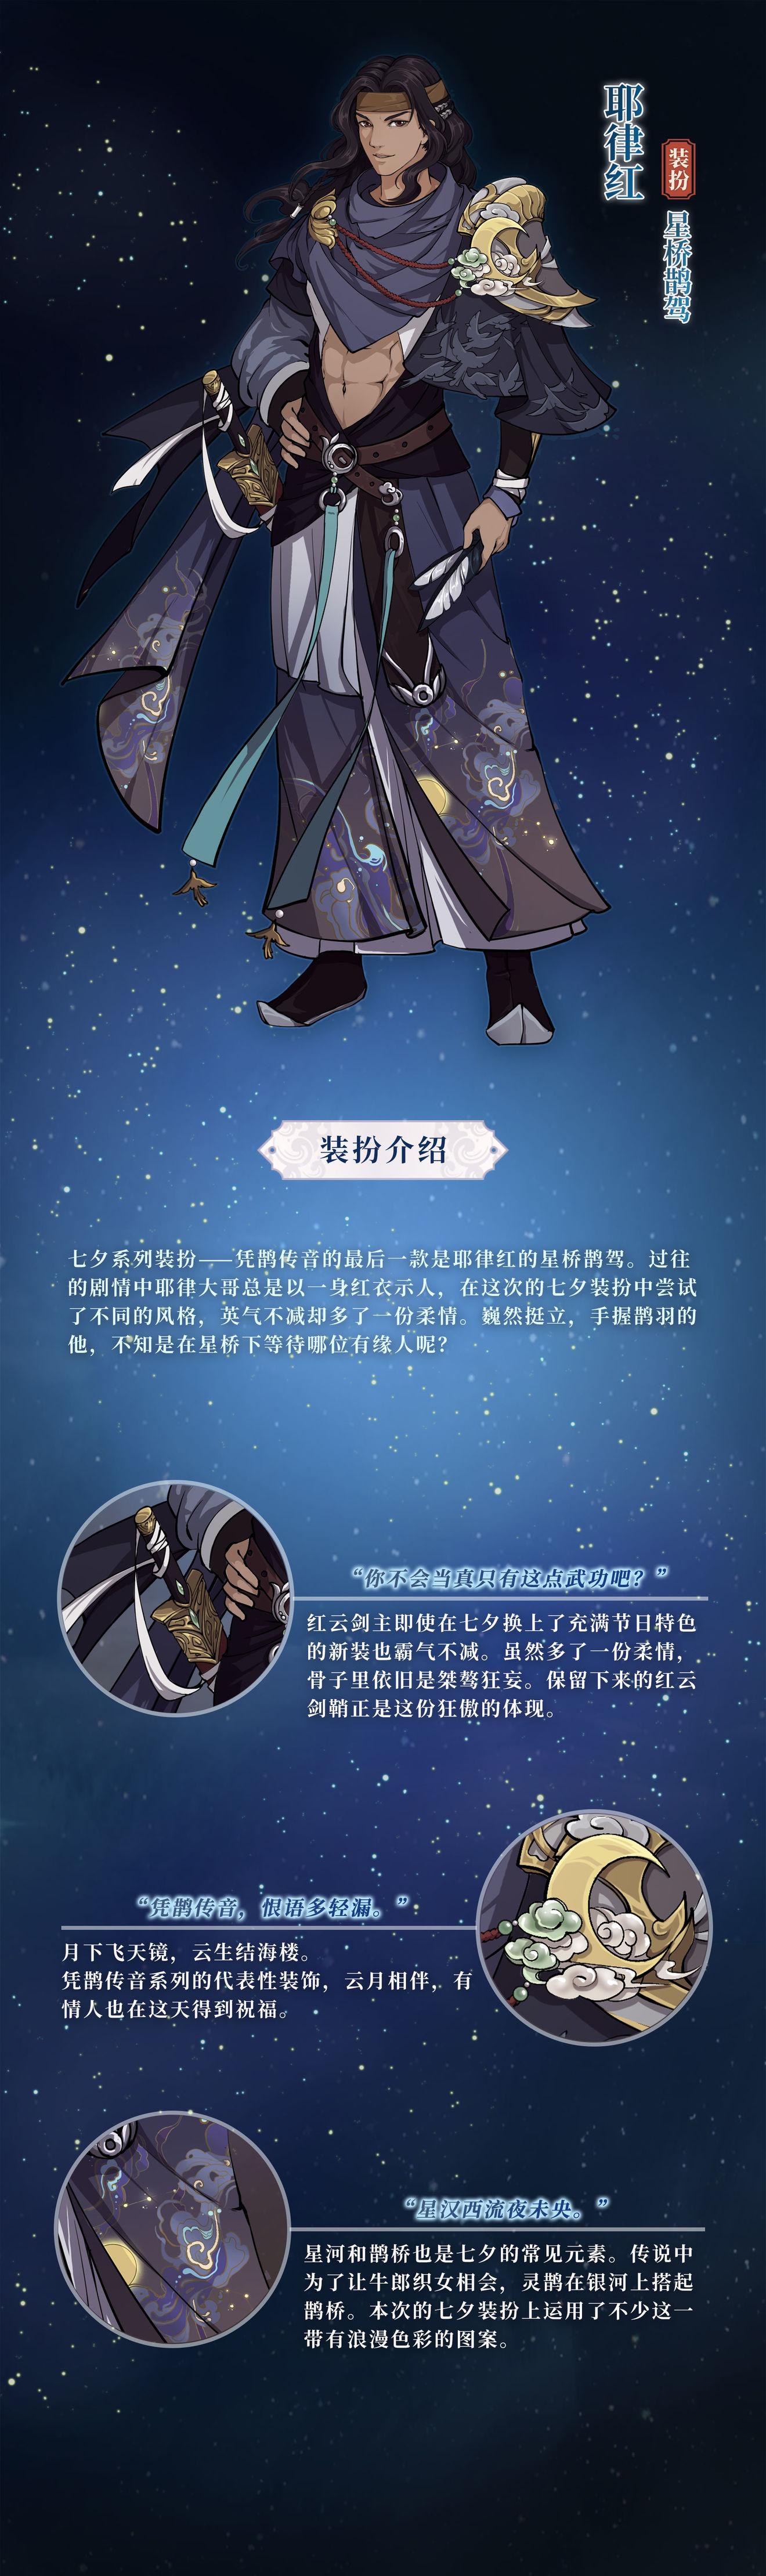 【汉家江湖】耶律红新装扮——星桥鹊驾